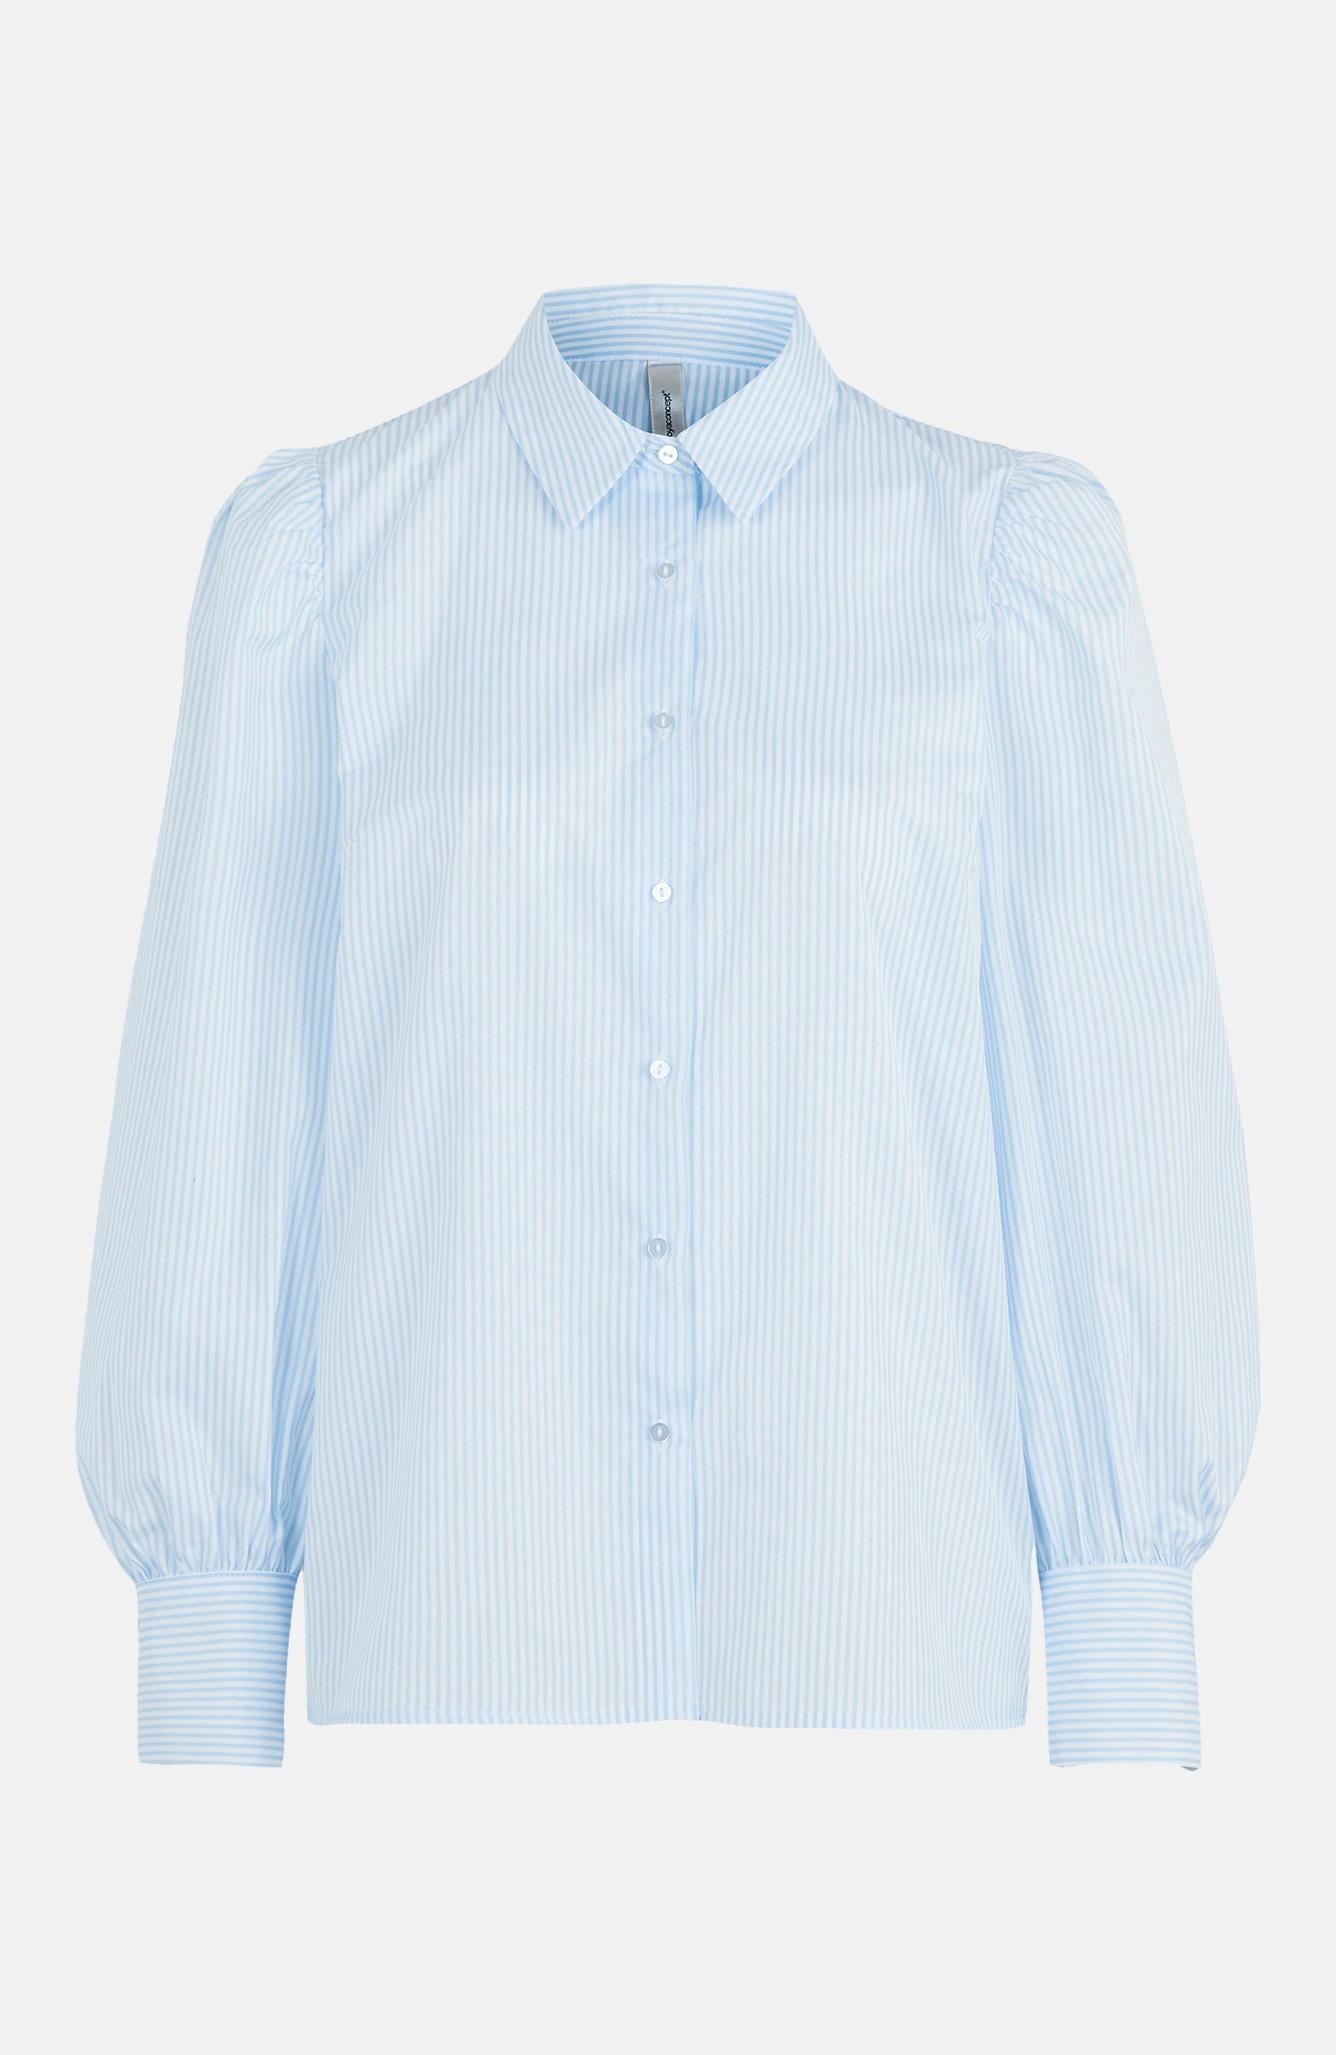 Koszula wkratkę Obion